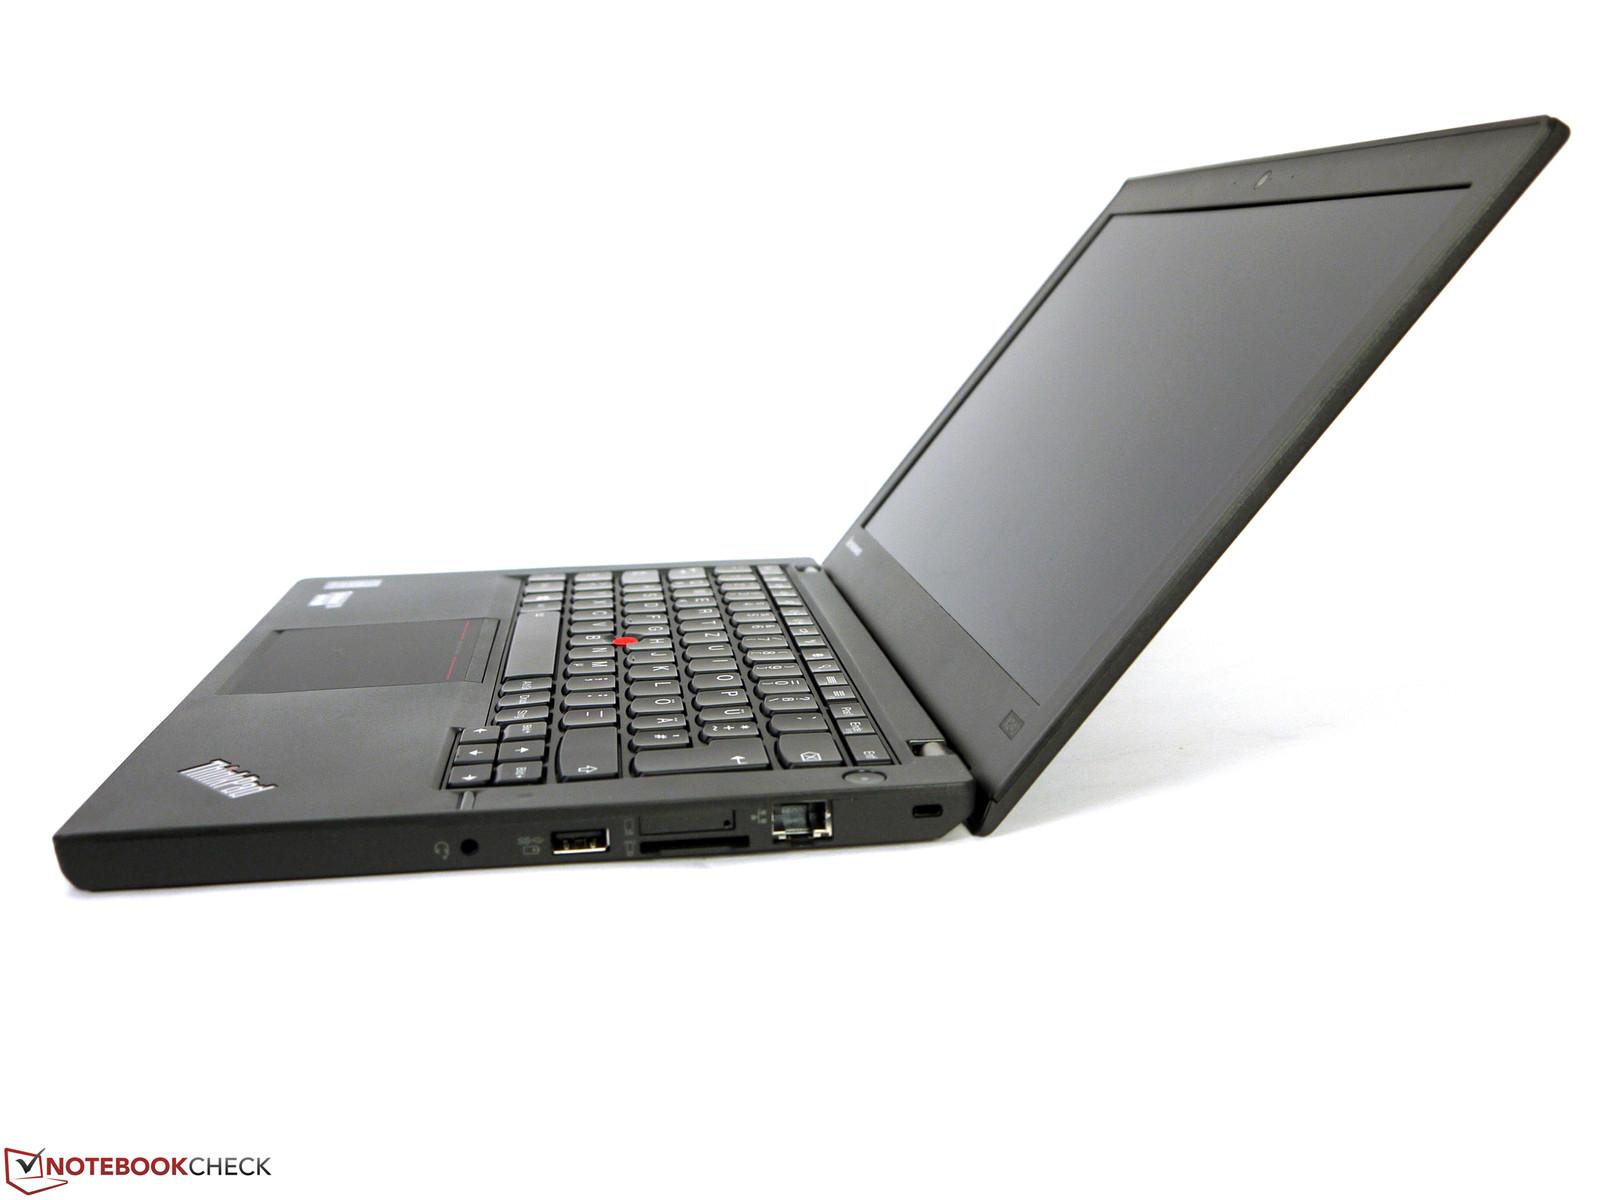 Lenovo ThinkPad X240 Synaptics Touchpad Driver Windows XP